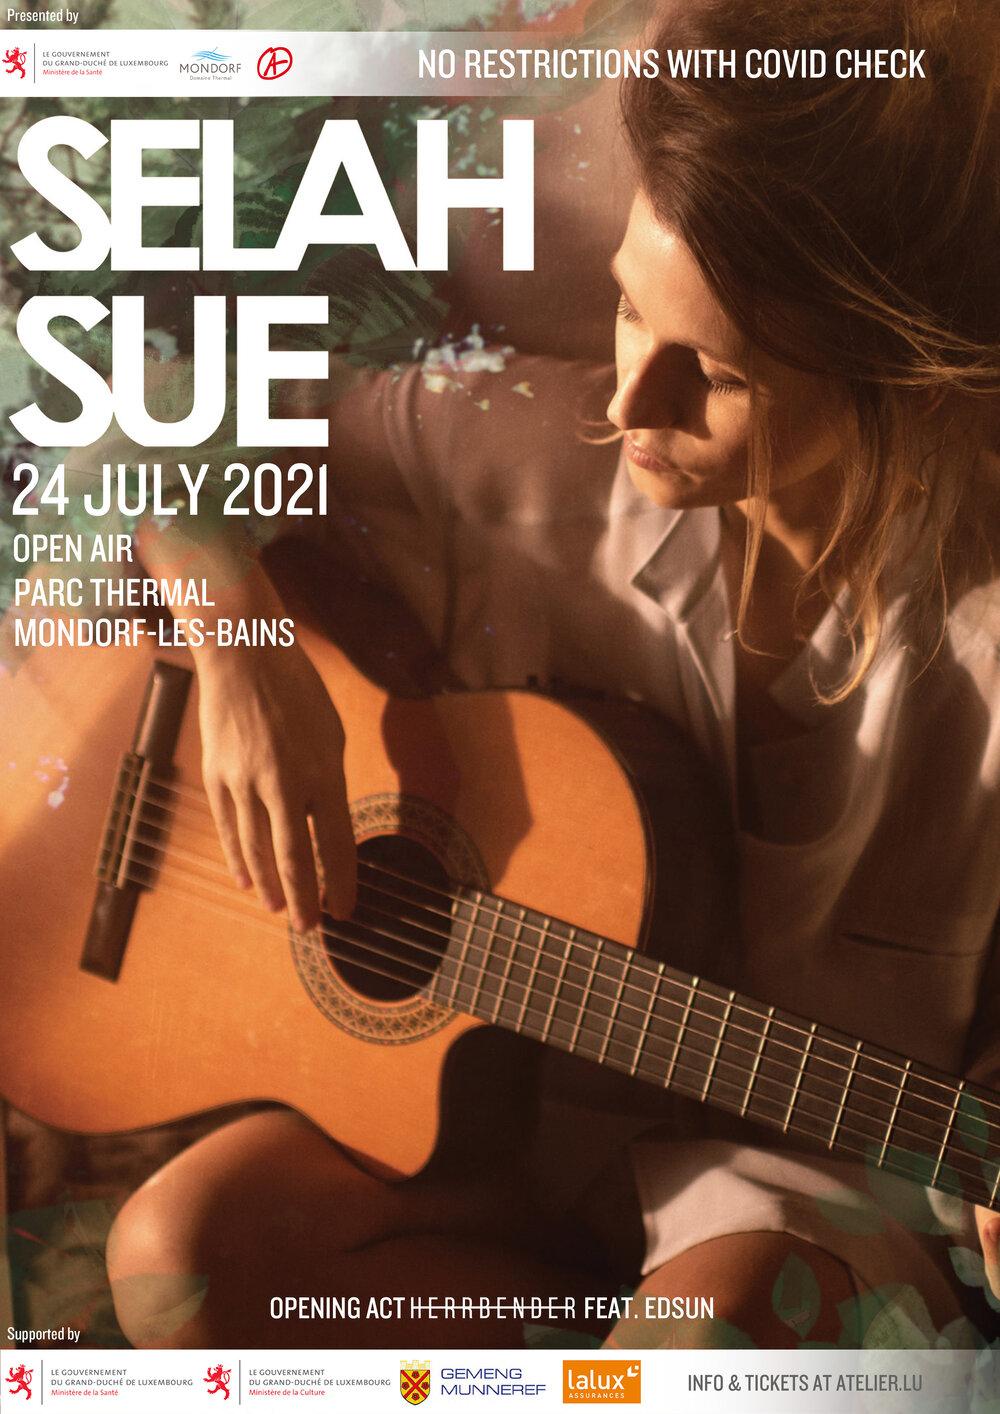 LUXadmat_Selah-Sue_2021.jpg